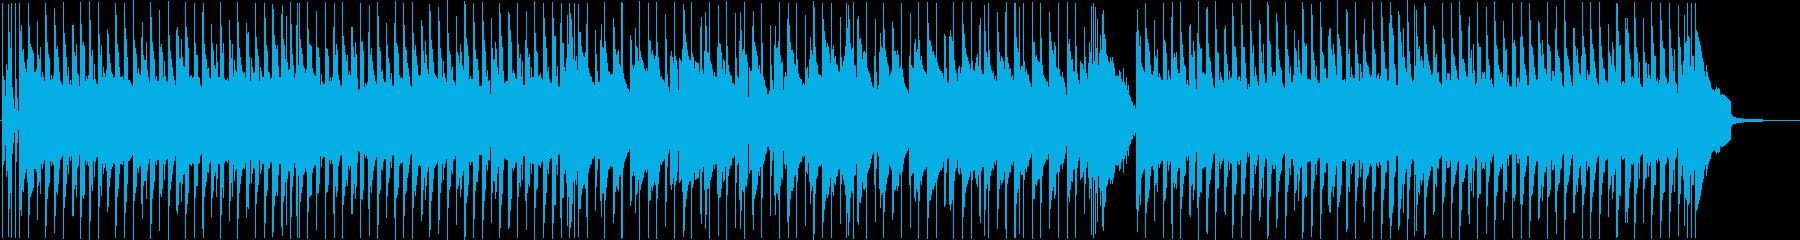 陽気でポップな日常BGMの再生済みの波形